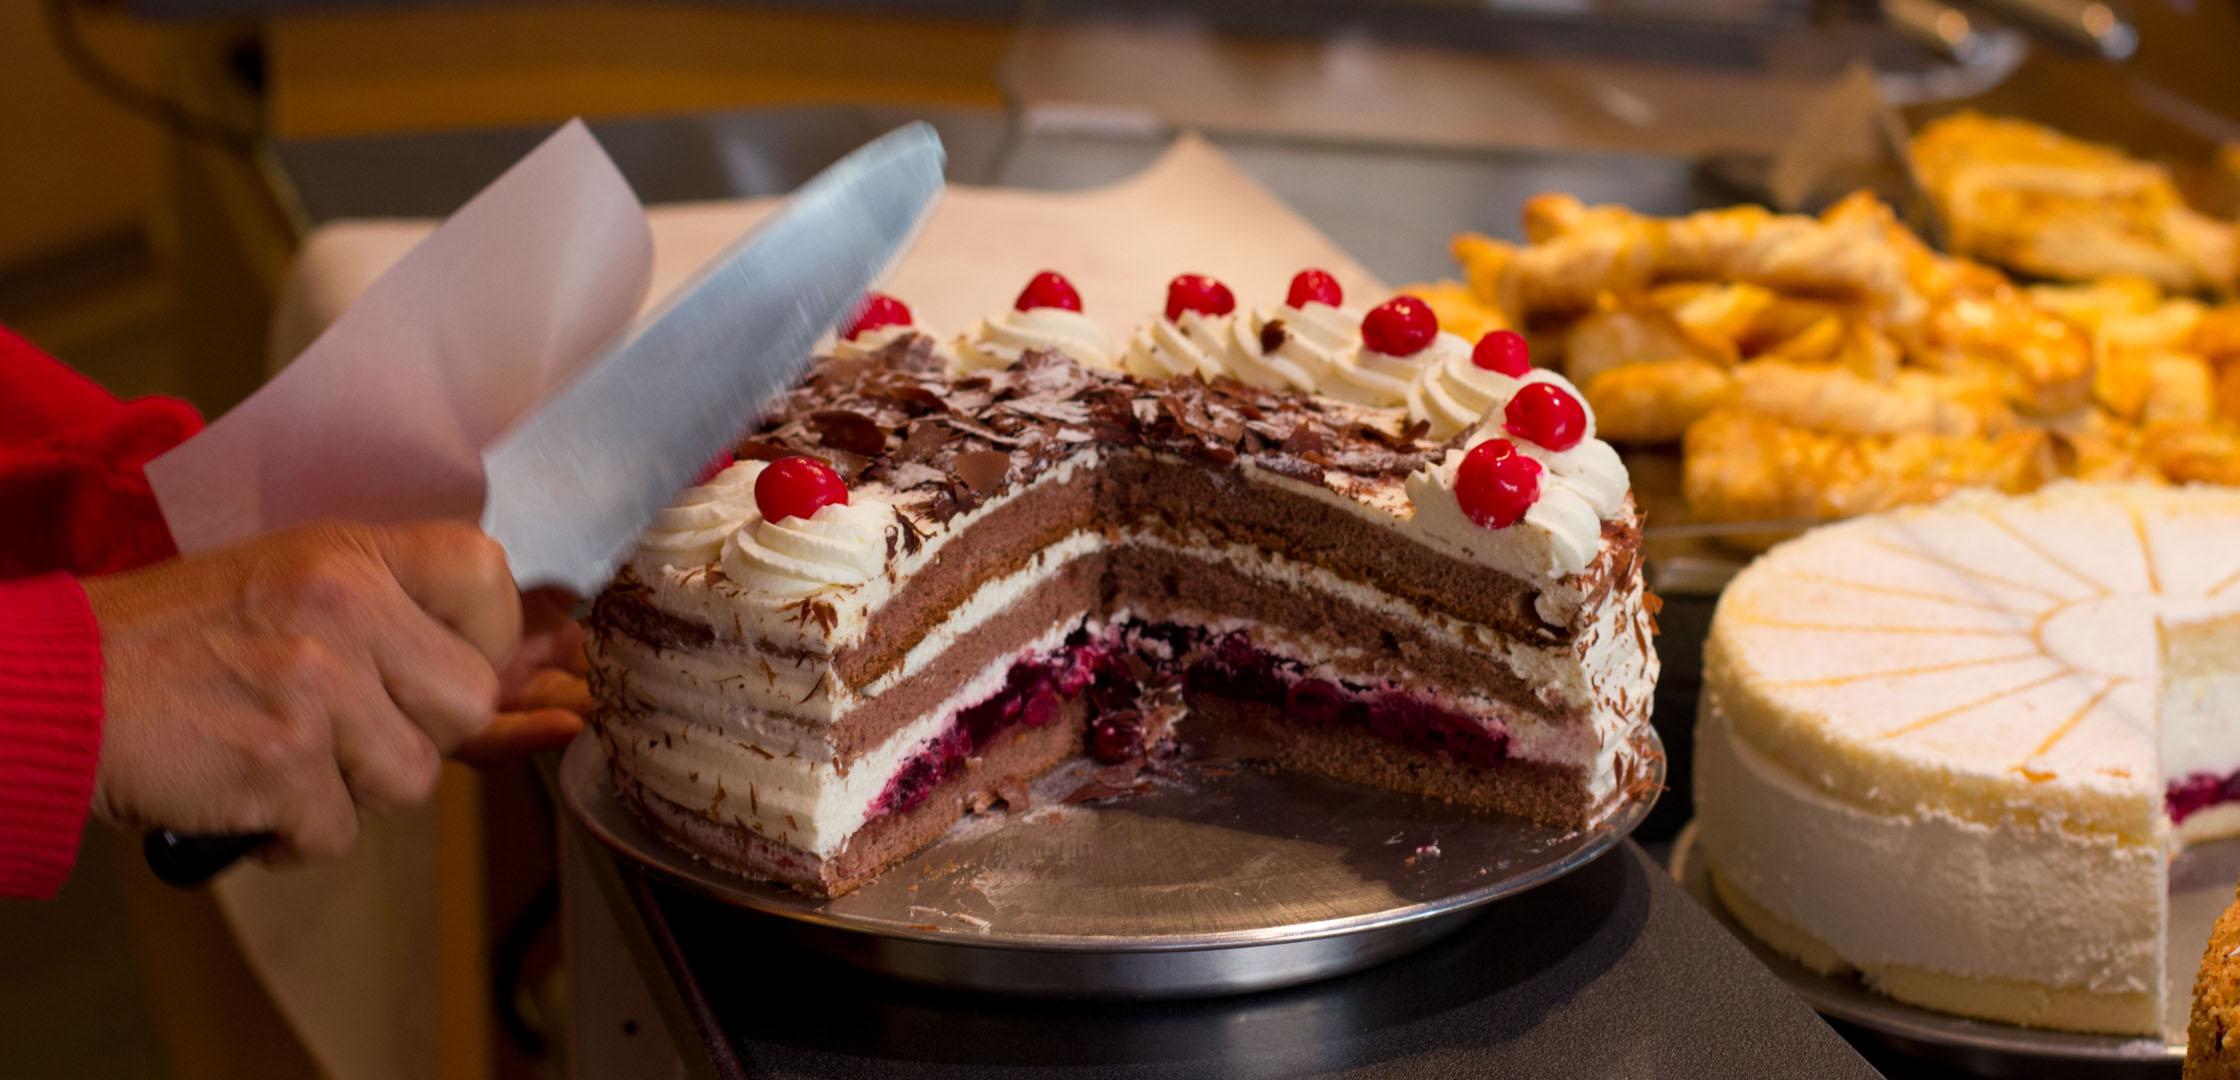 Eine Schwarzwälder-Kirsch-Sahne-Torte wird angeschnitten